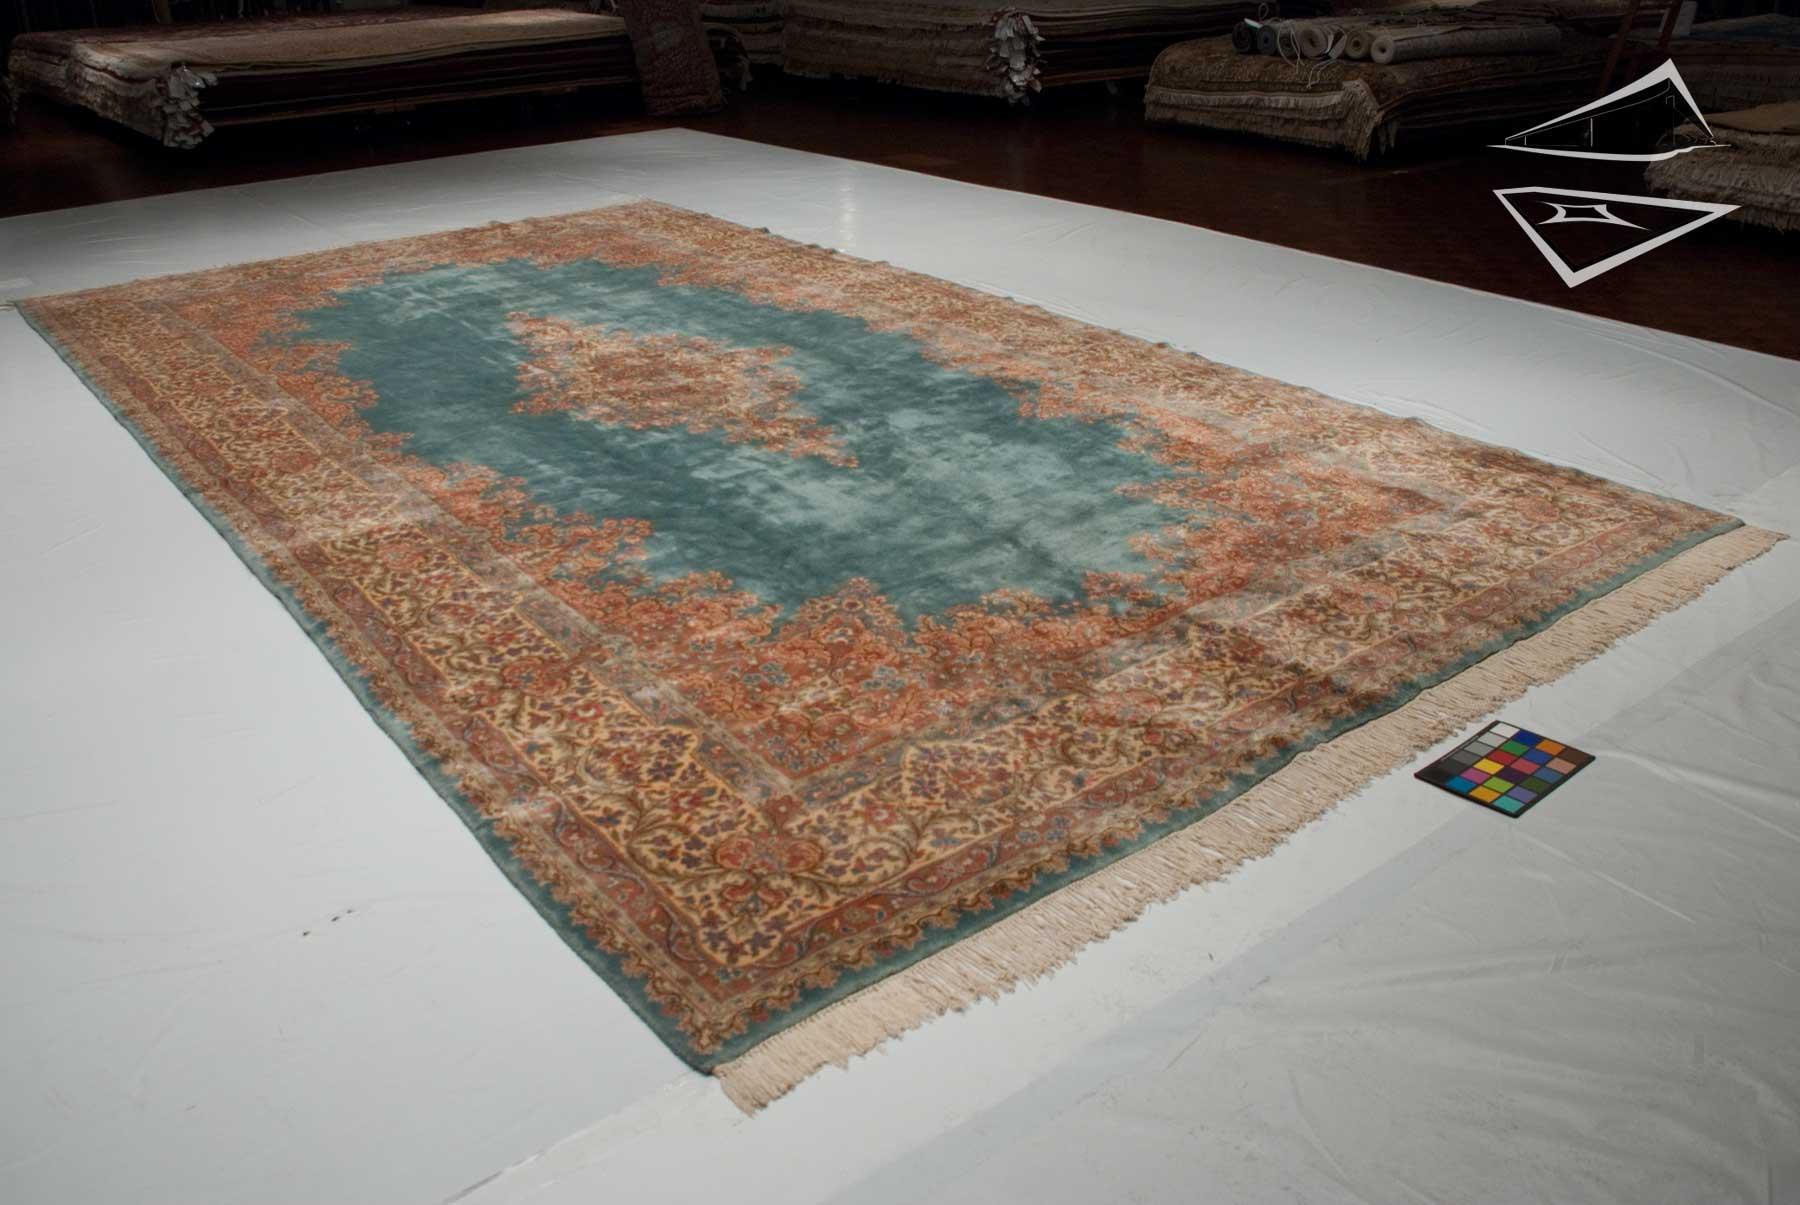 10x19 Persian Kerman Rug Large Rugs Amp Carpets